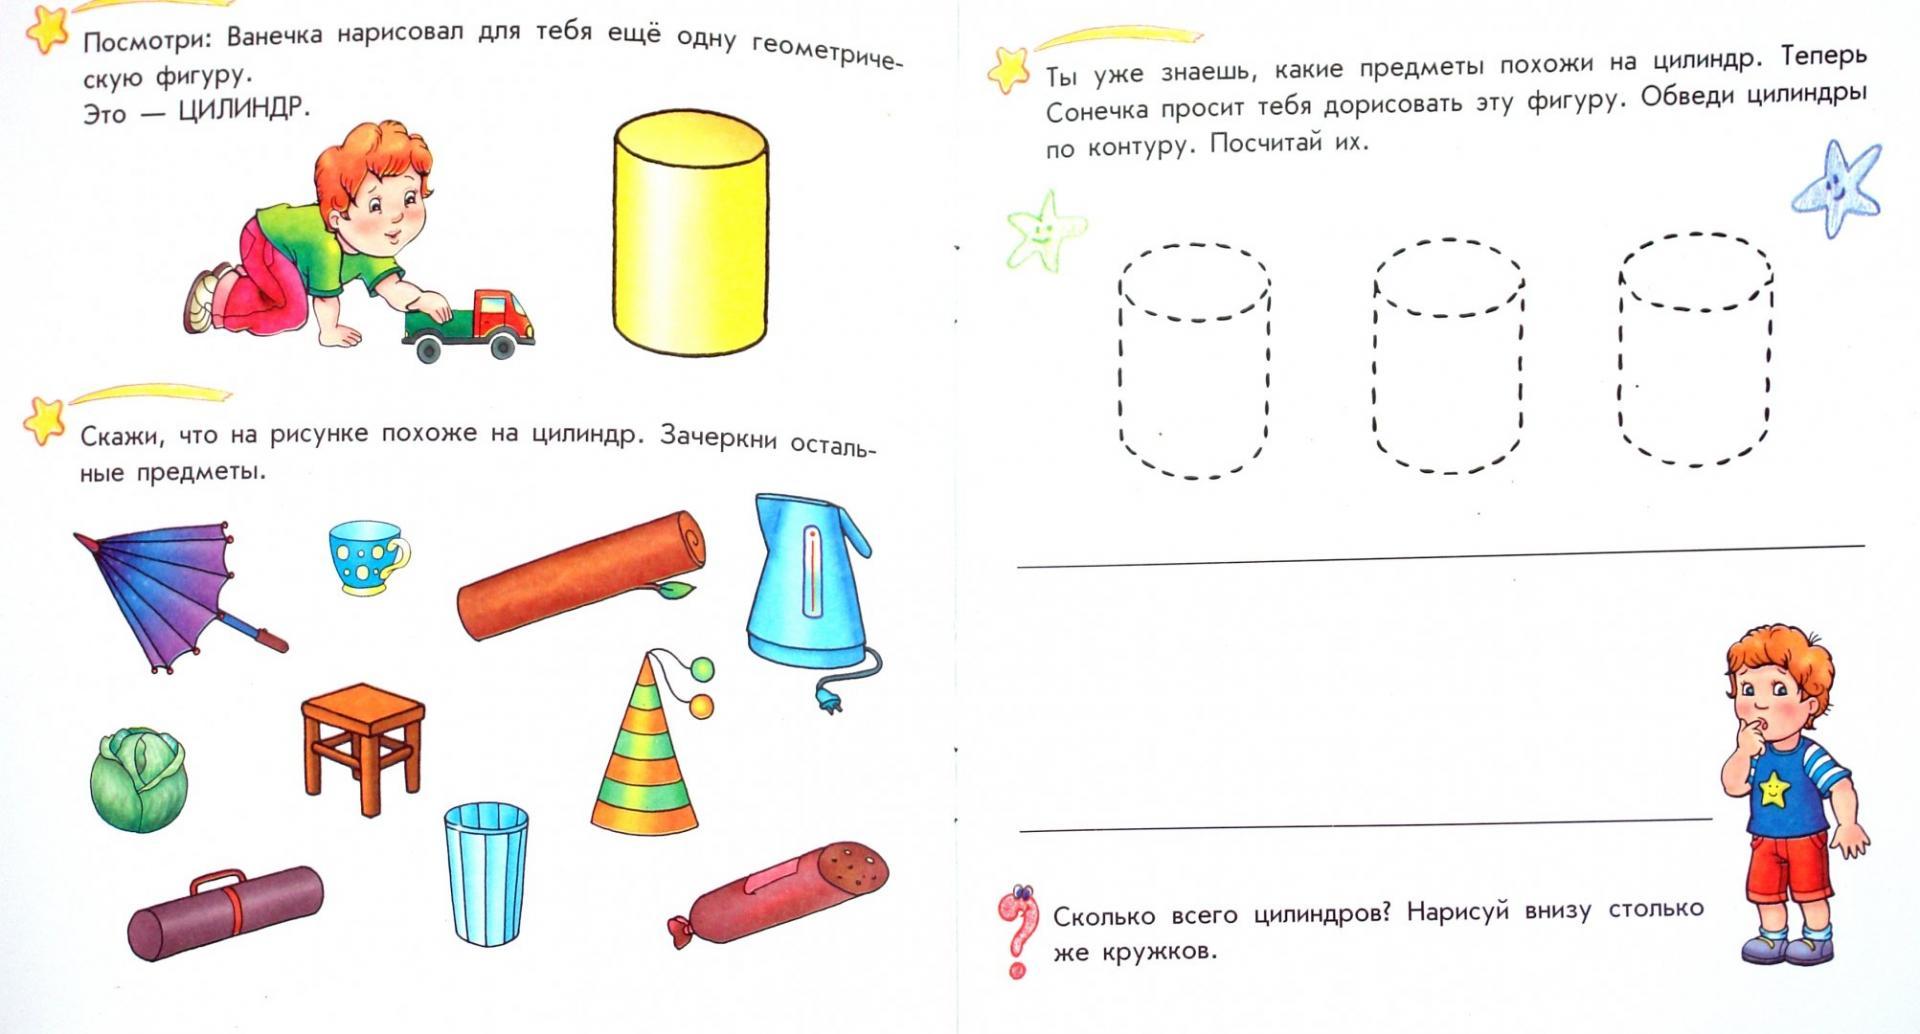 Иллюстрация 1 из 10 для Играем, рисуем, считаем: Развивающая тетрадь для занятий с ребенком от 3 лет - Елена Дорохова   Лабиринт - книги. Источник: Лабиринт